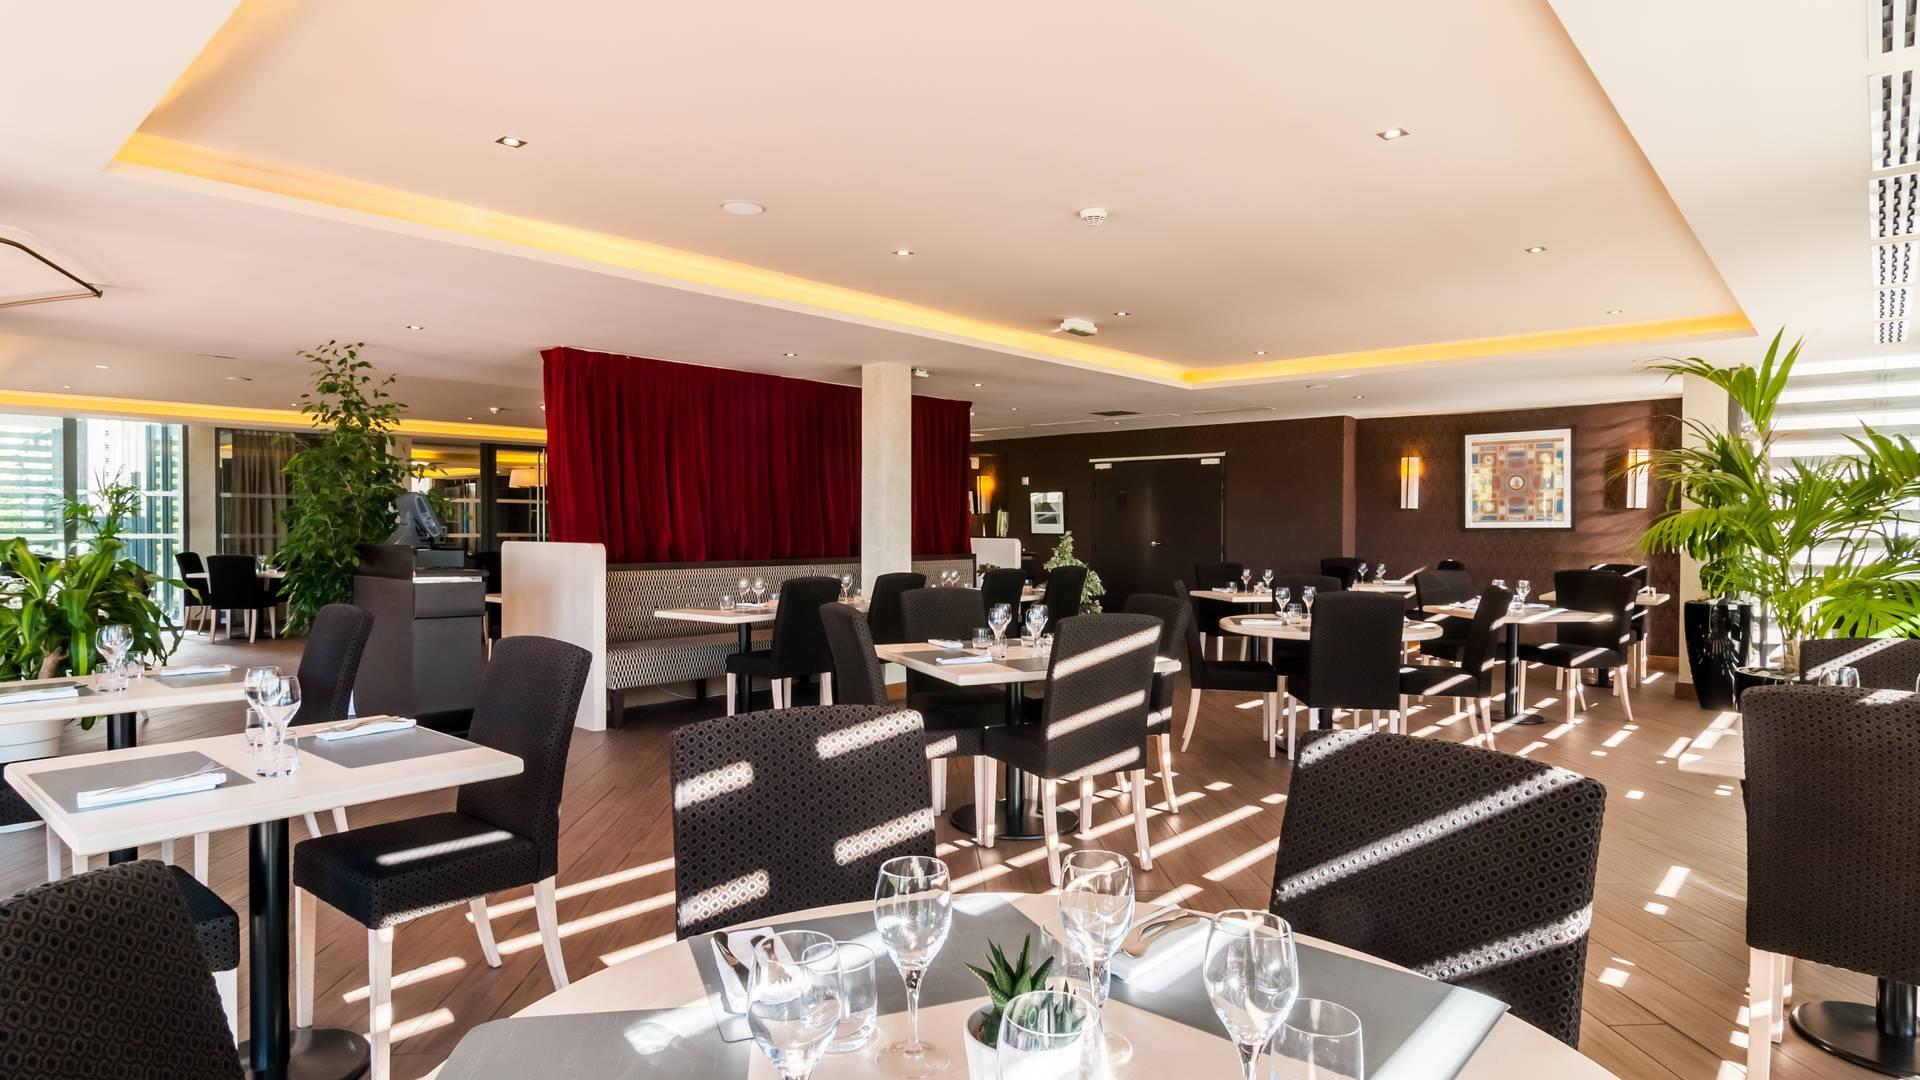 hotel-spa-de-fontcaude-juvignac-montpellier-occitanie-restaurant